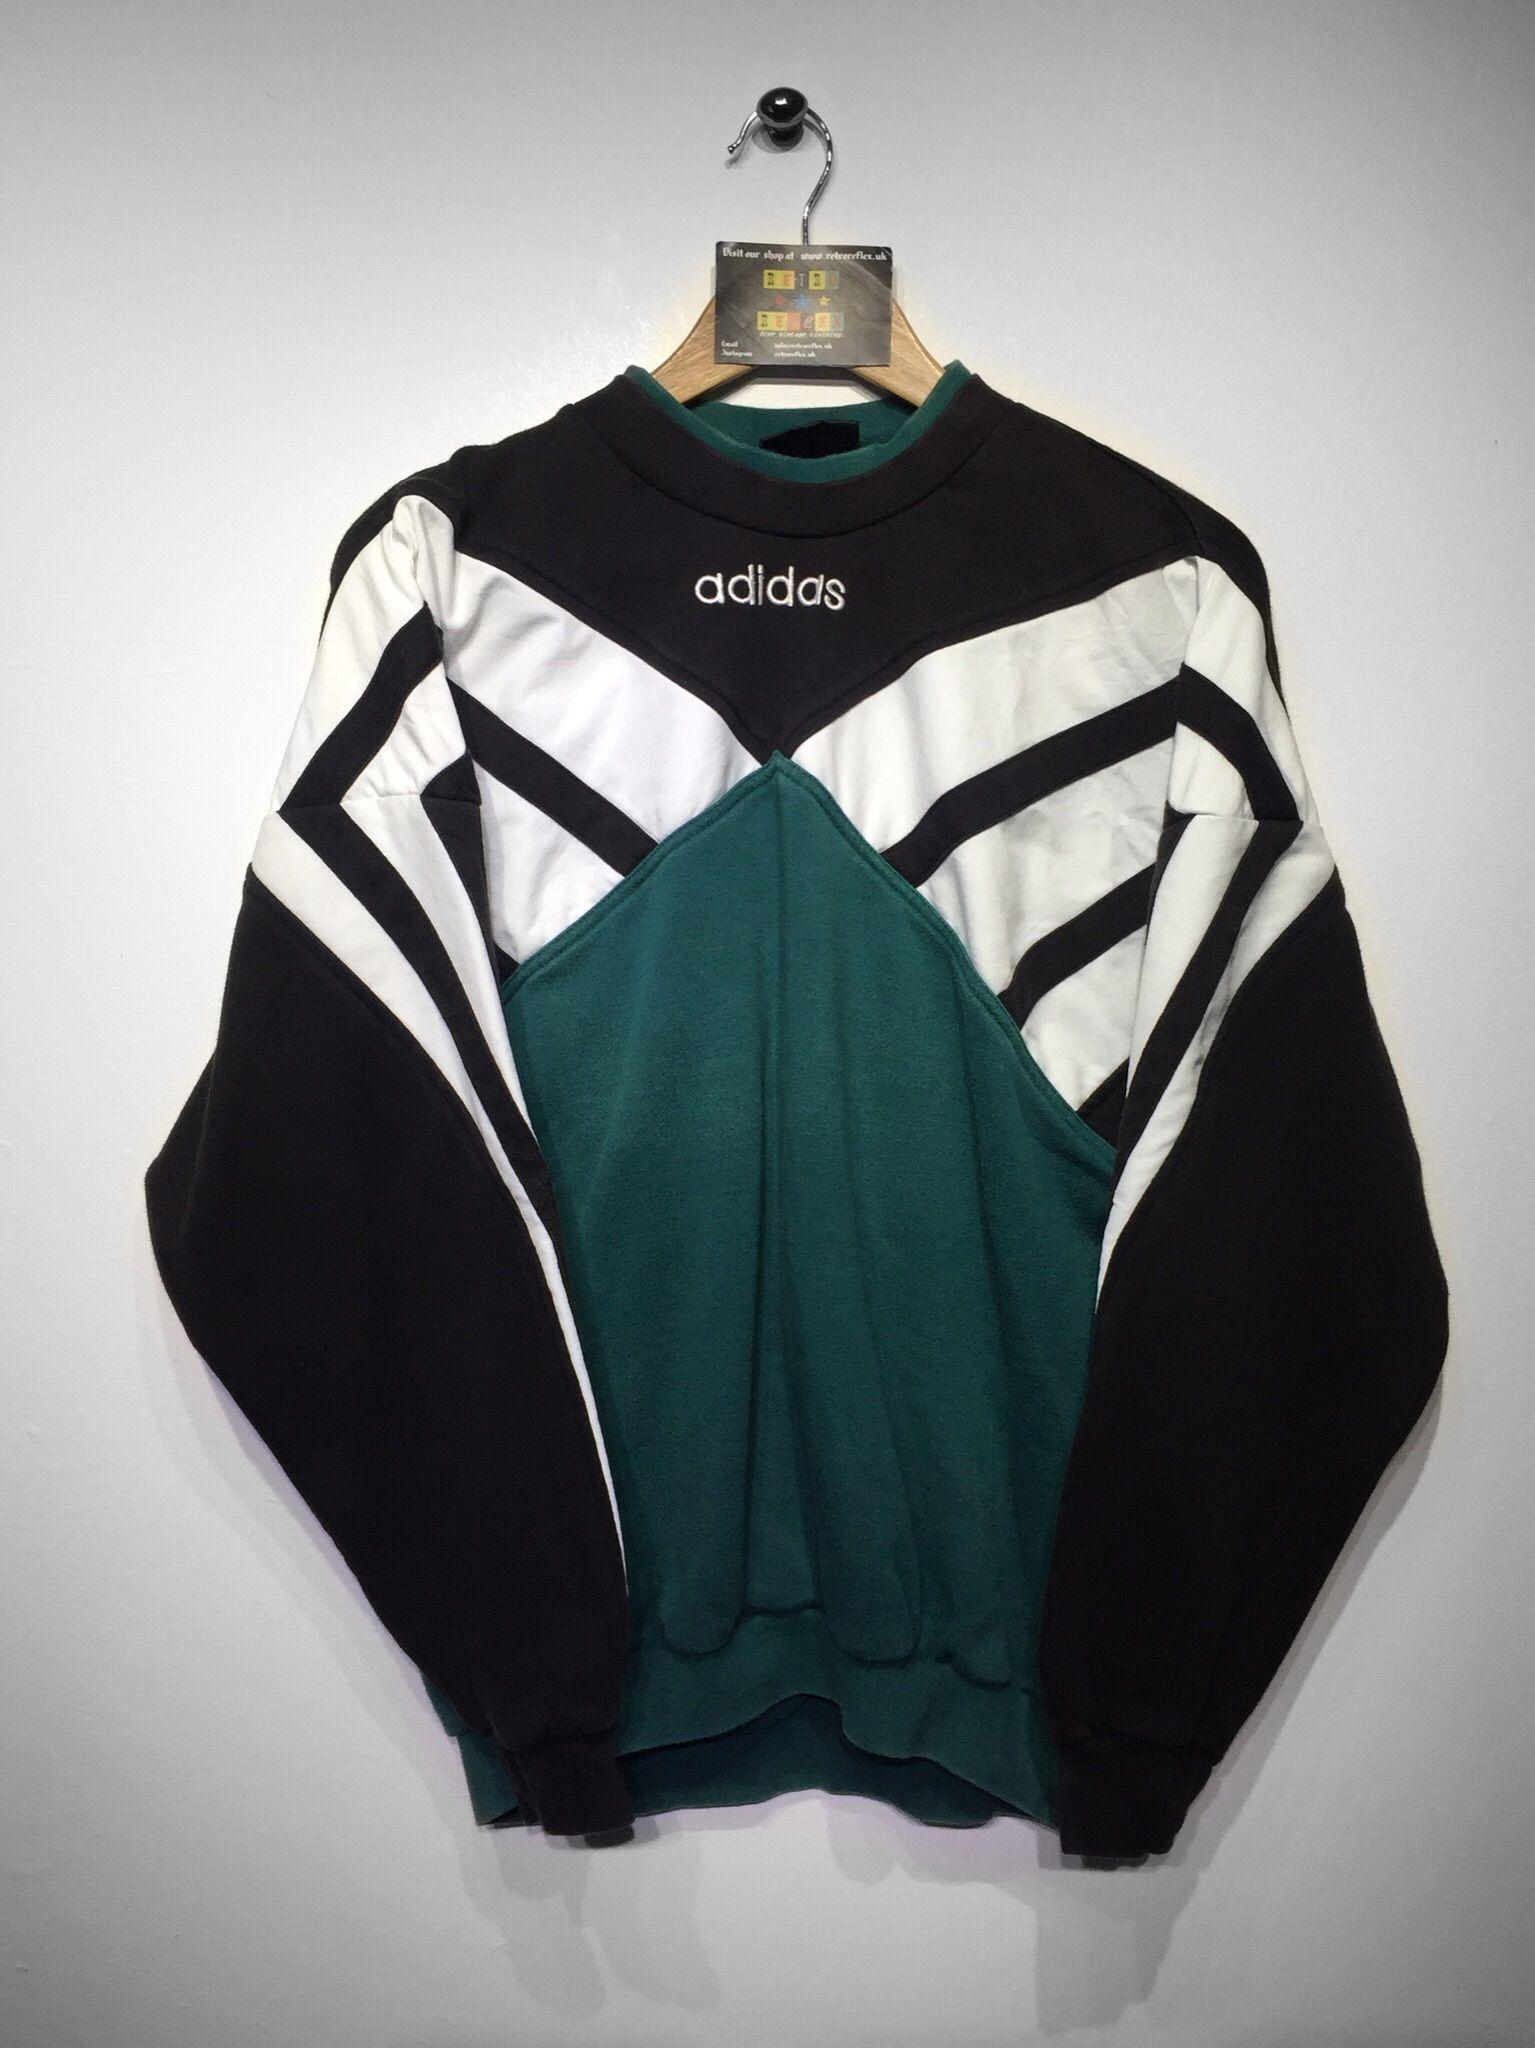 Adidas sweatshirt size XLarge(but Fits oversized) £36